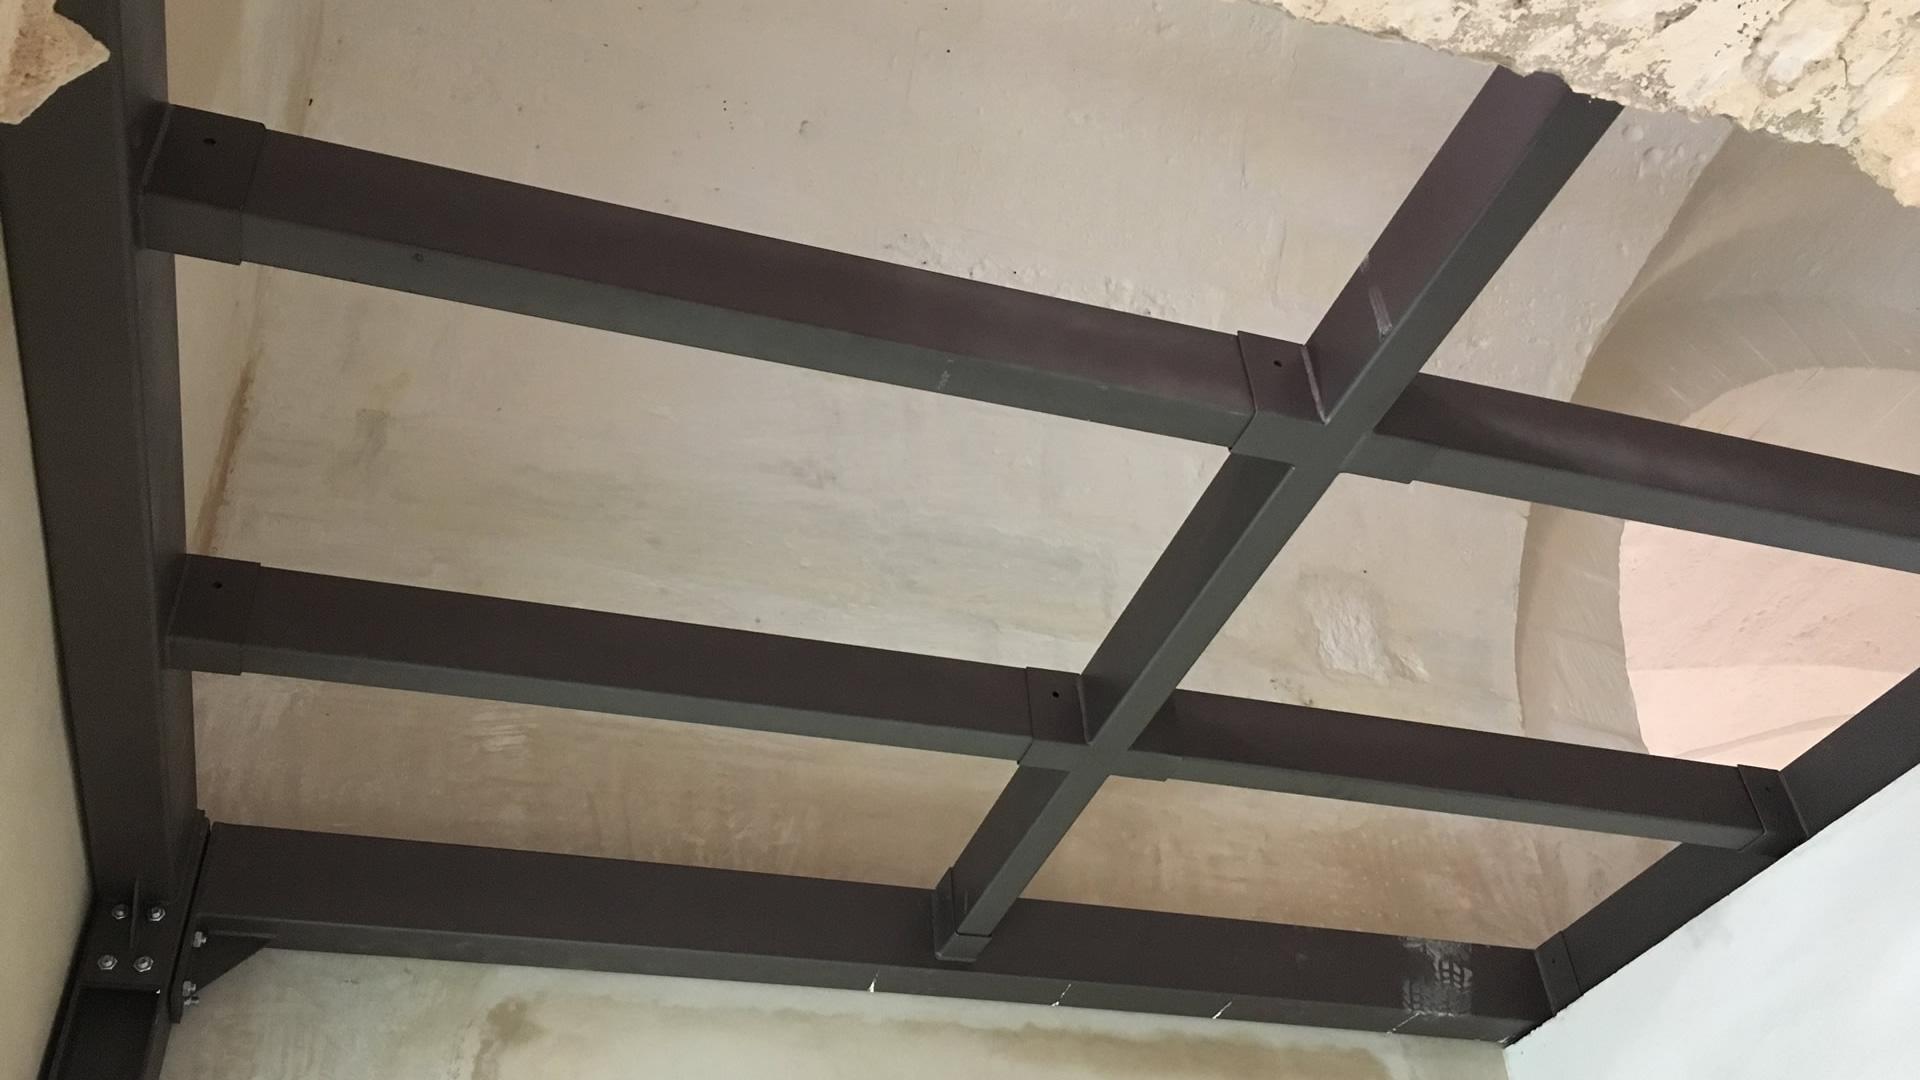 Progettazione Piano Ammezzato con Nuove Opere in Acciaio, non ancorate alla struttura esistente, a Piano Terra di un edificio in muratura - MAGLIE (LE) Italy